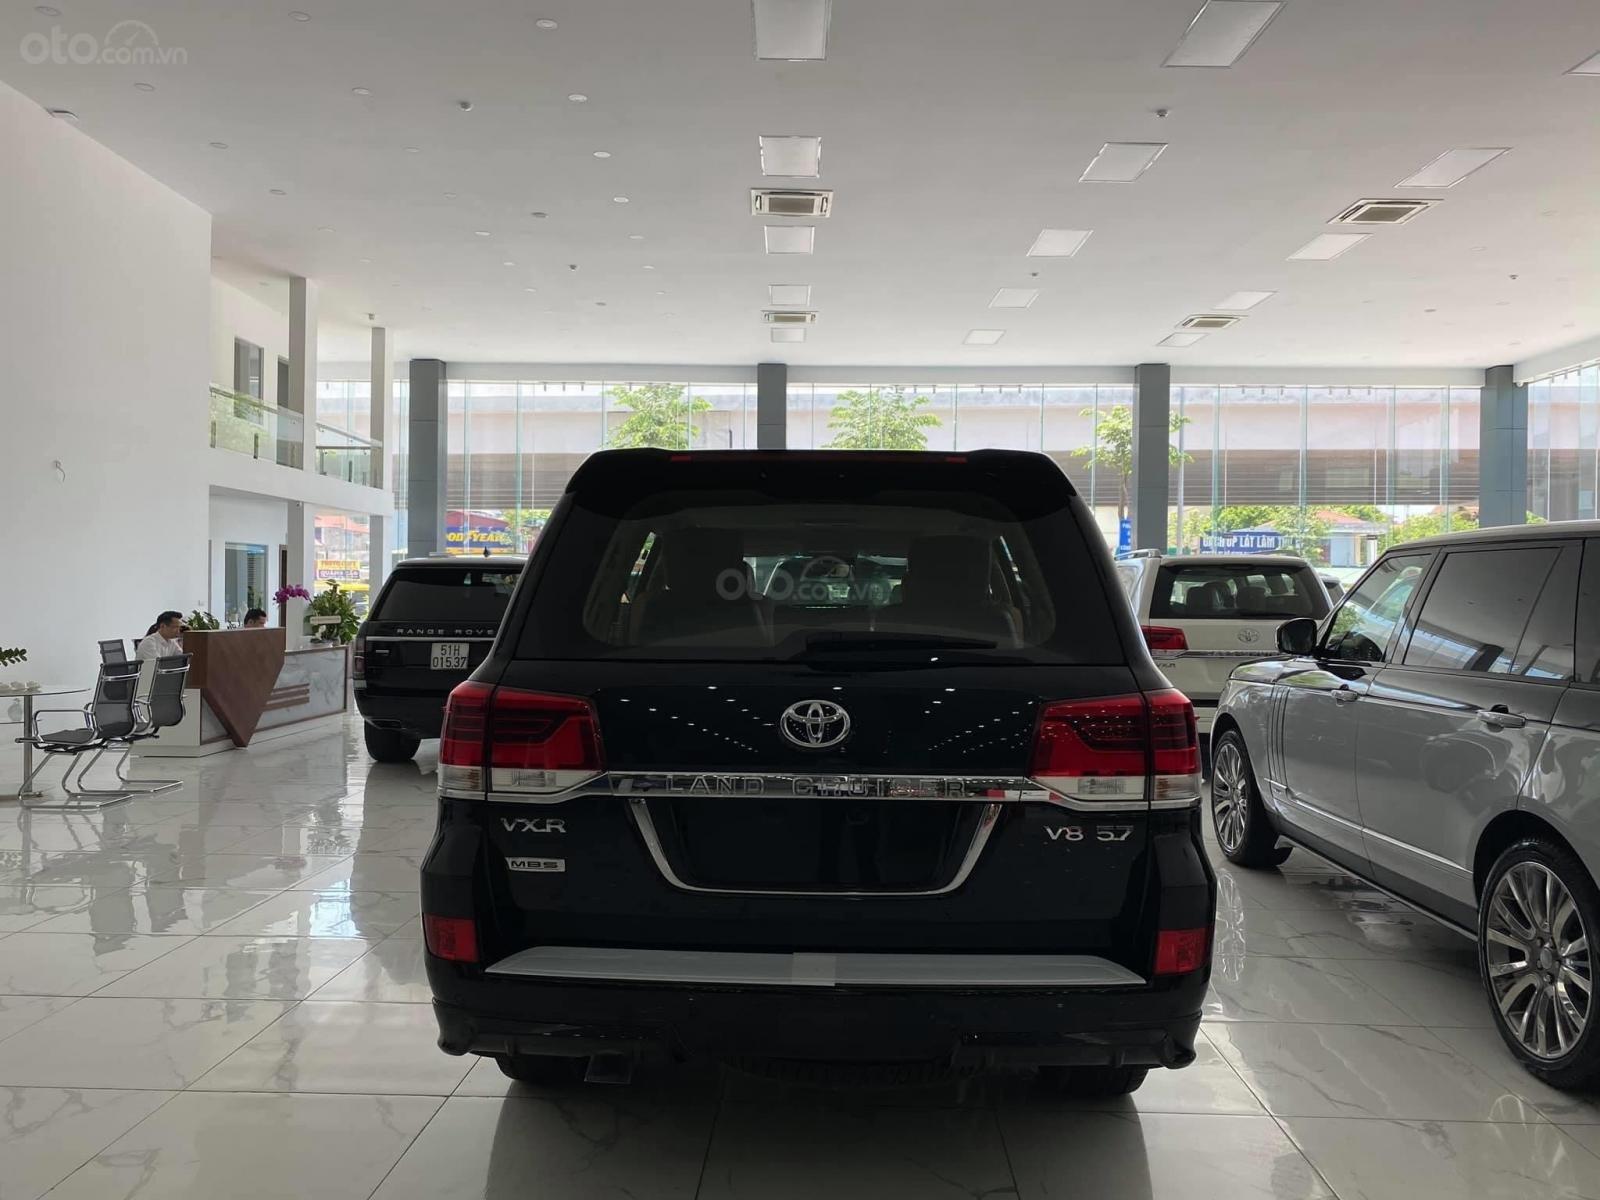 Bán Toyota Land Cruise MBS 5.7,4 ghế thương gia siêu vip, sản xuất 2020, xe giao ngay (4)